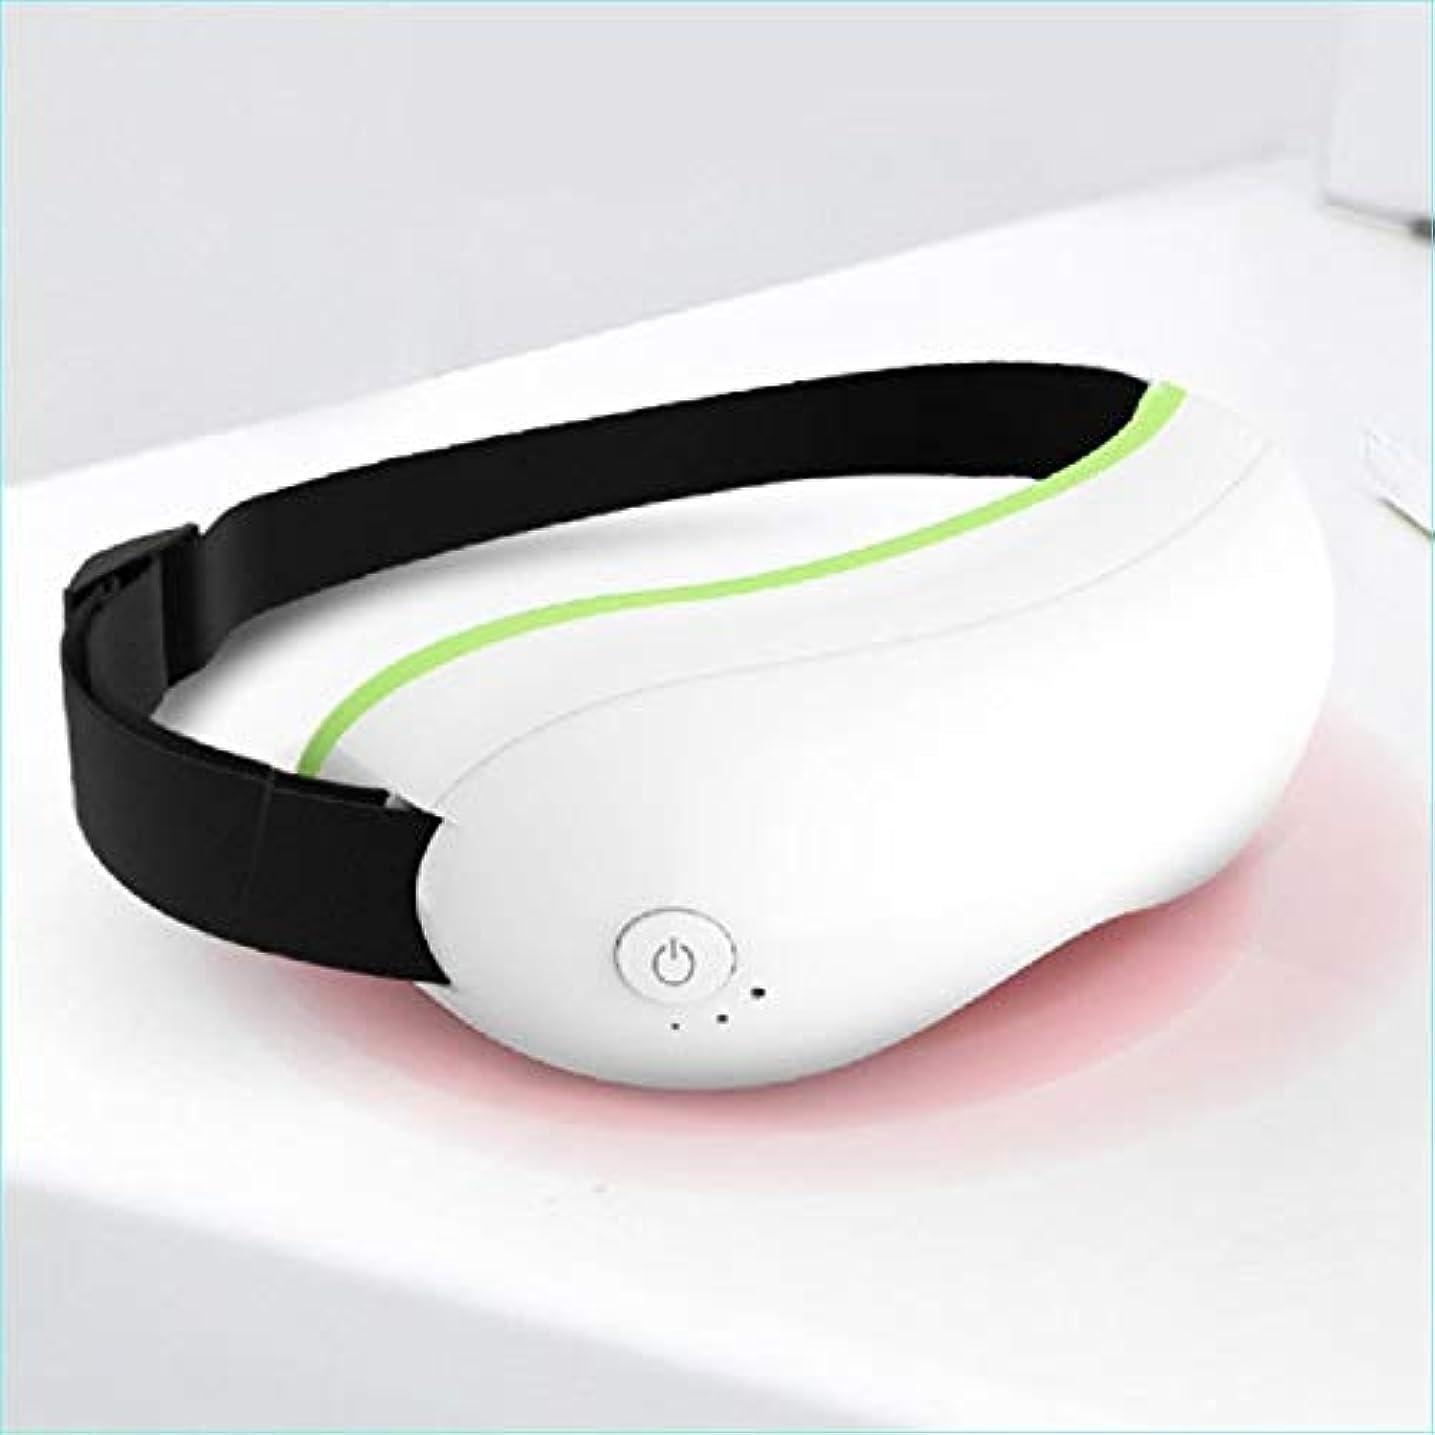 知るデザート先行するMeet now 暖房付きの高度な充電式ワイヤレスインテリジェント振動アイマッサージ 品質保証 (Color : White)